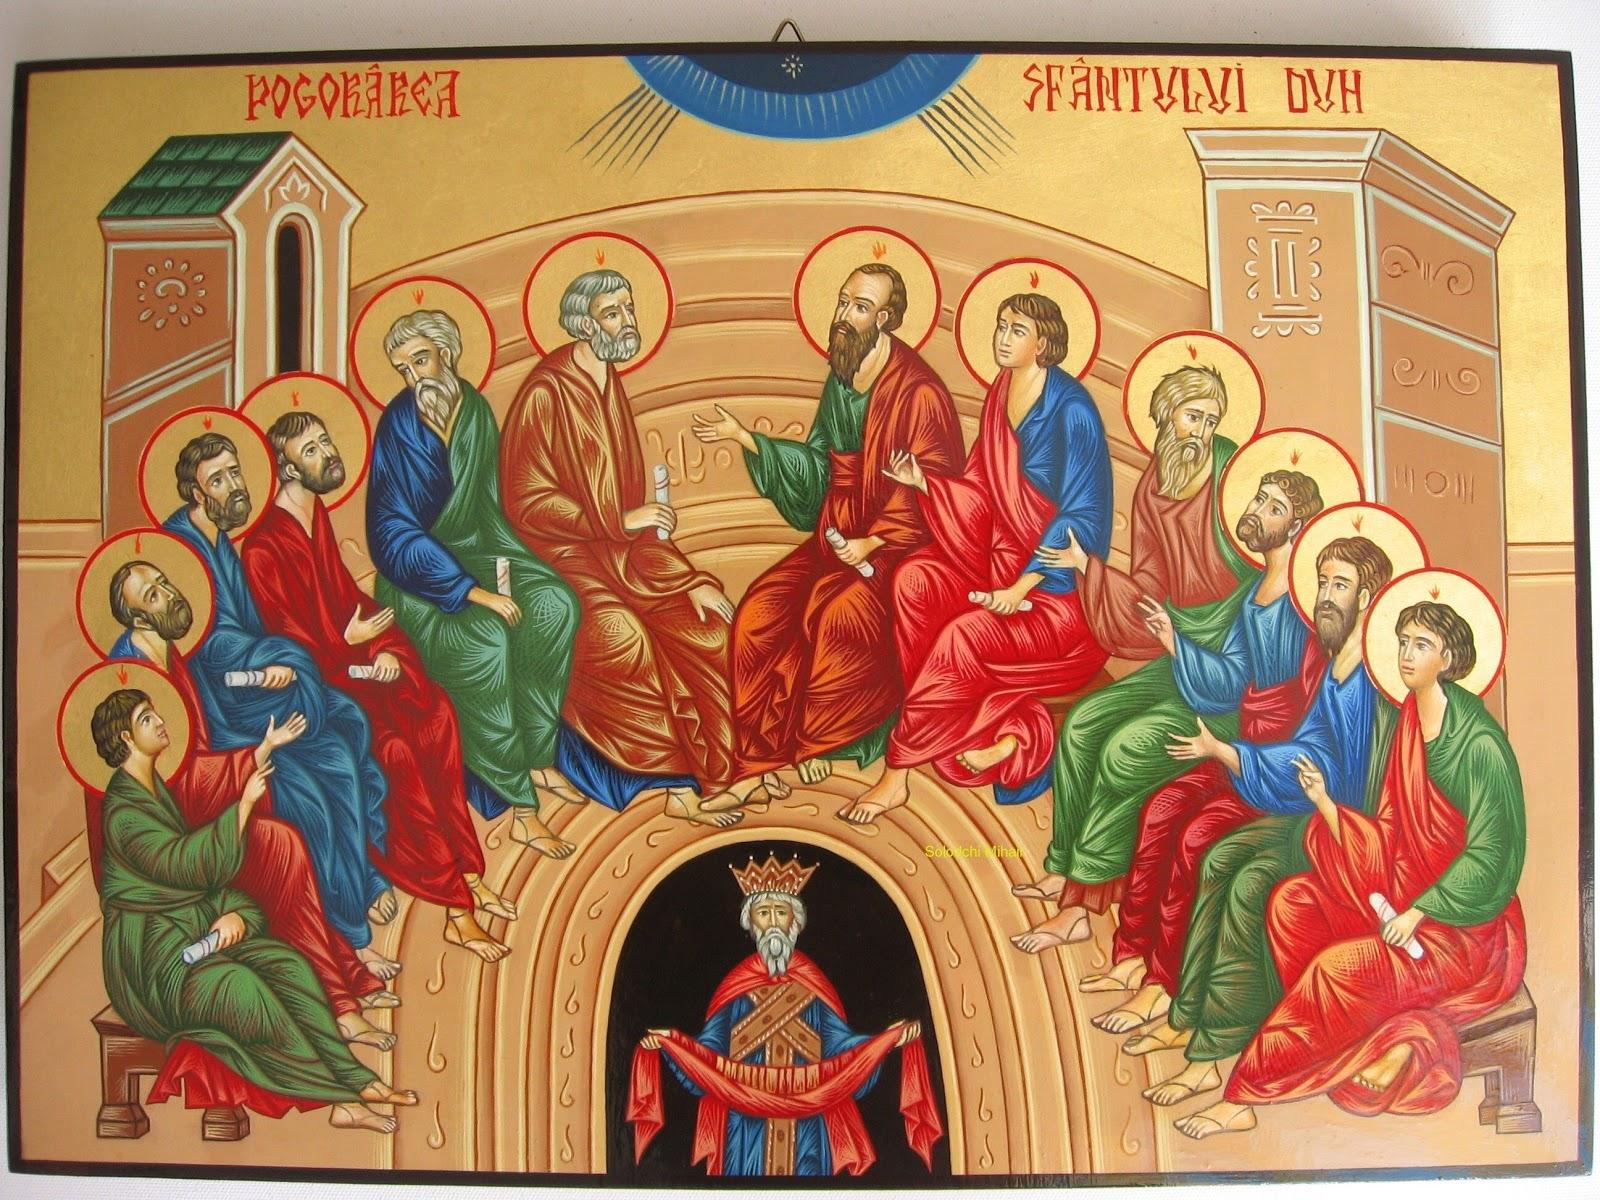 Duminica Mare Pogorarea Sfantului Duh Traditii Si